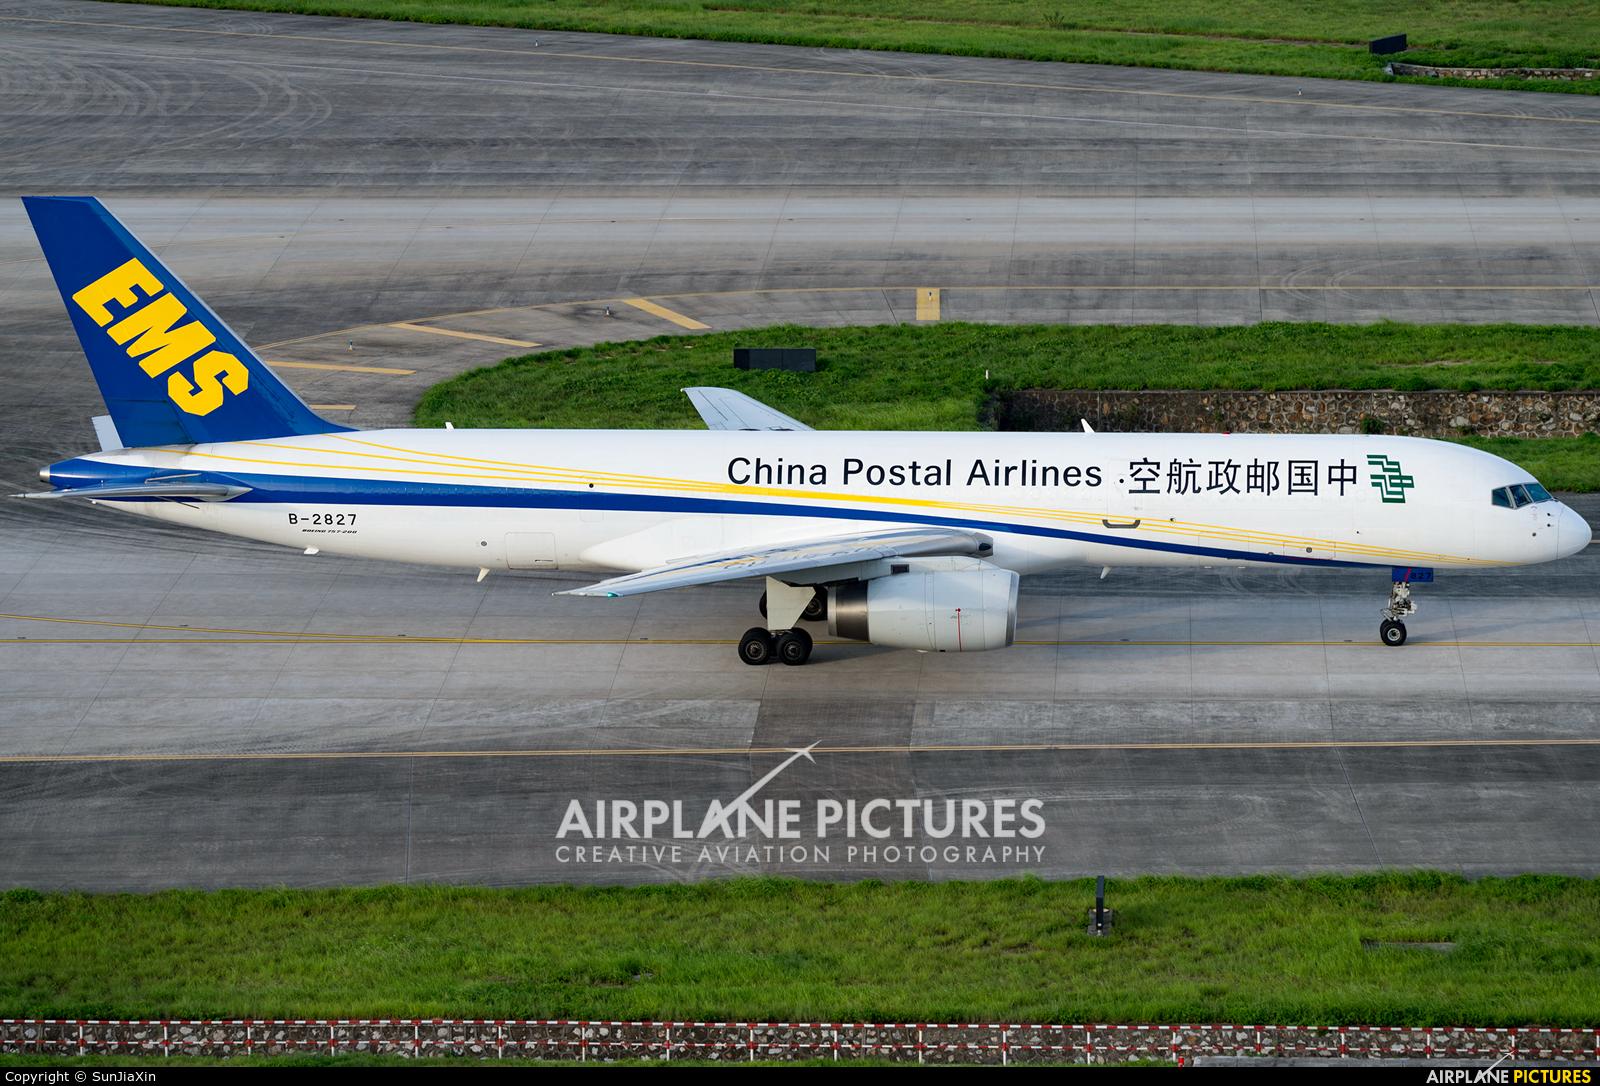 China Postal Airlines B-2827 aircraft at Shenzhen Bao